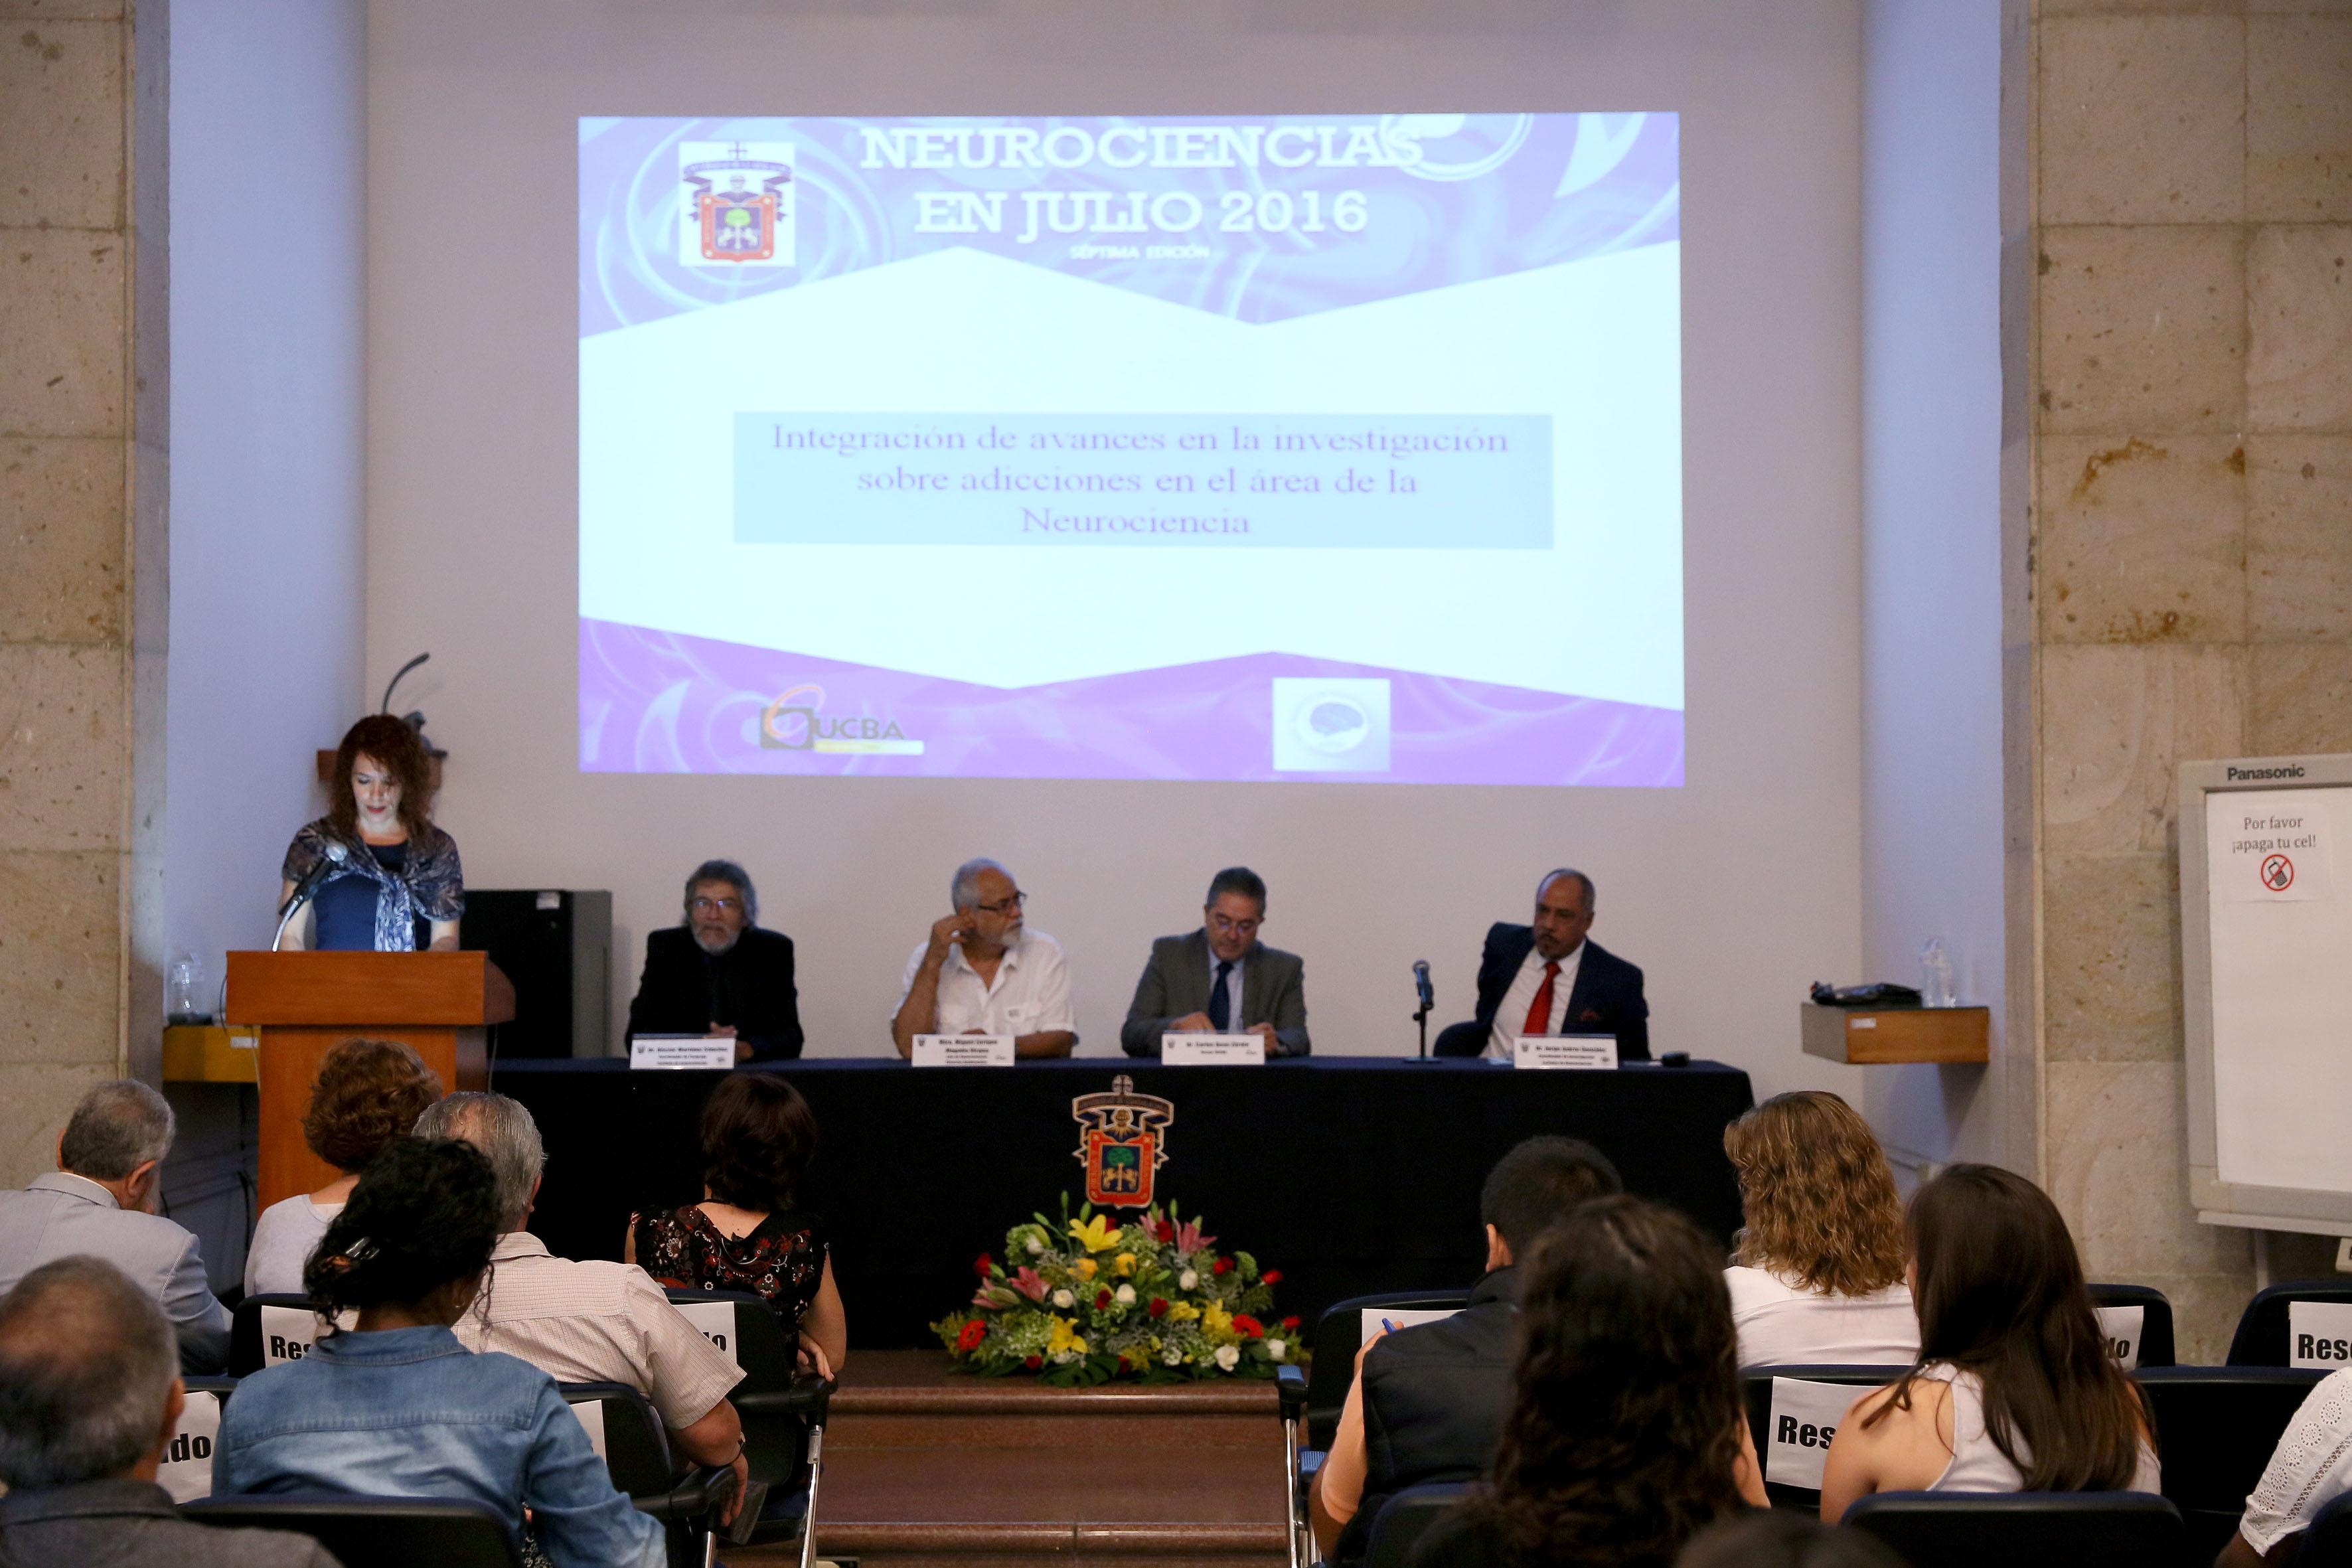 Inauguracion de Neurociencias en Julio 2016, en su séptima edición